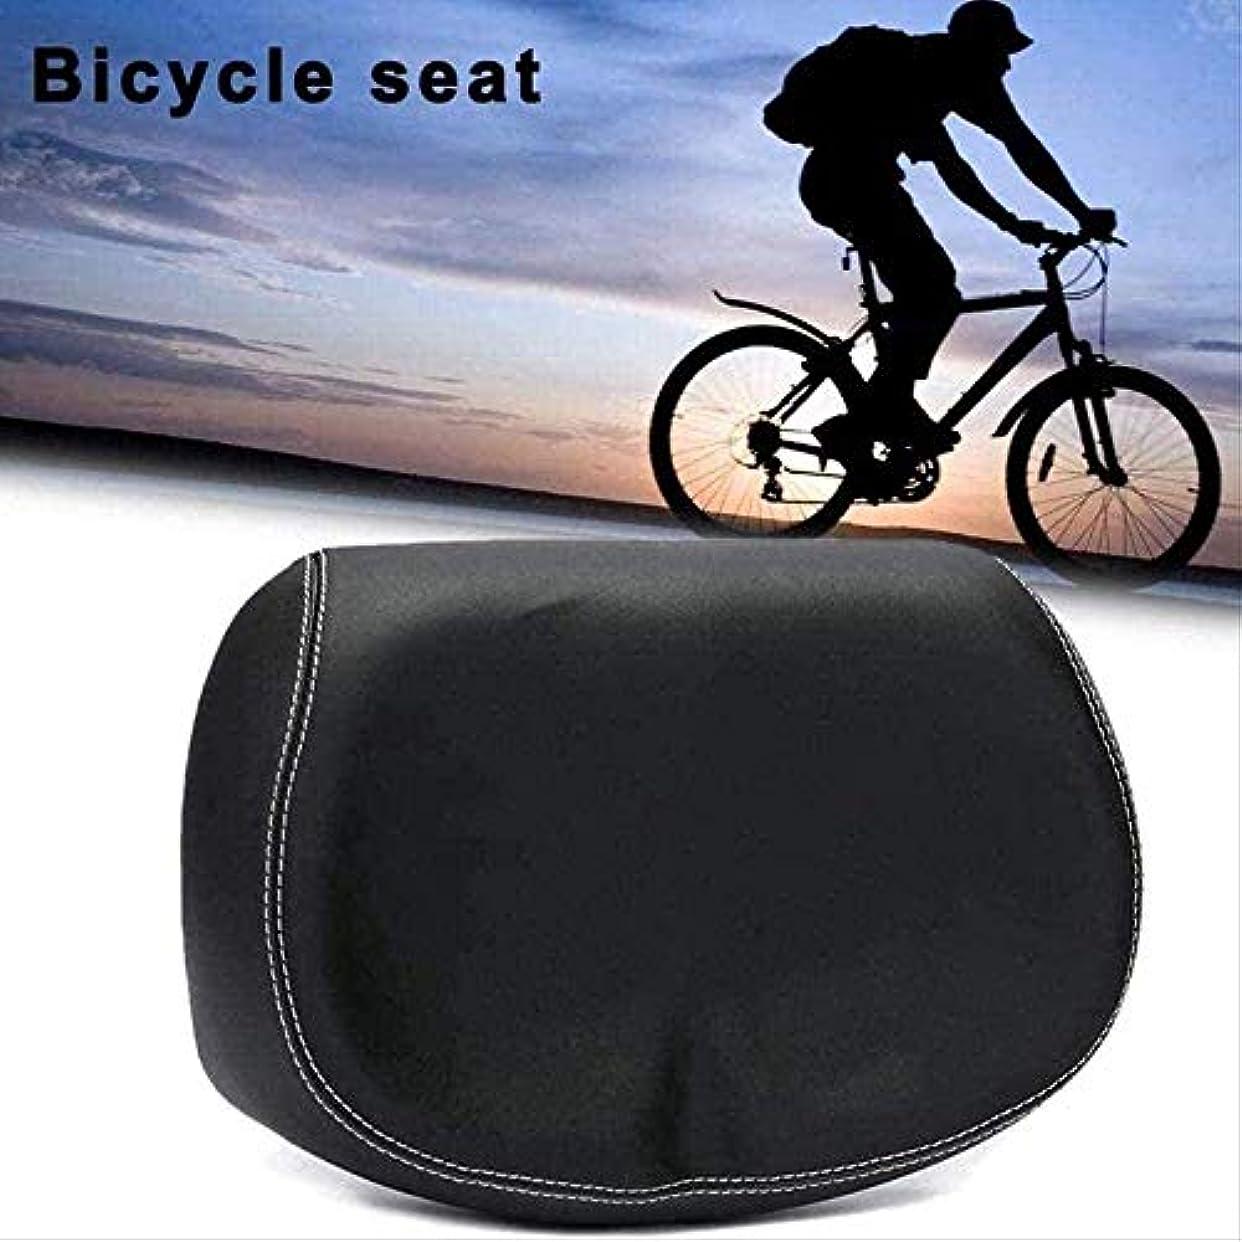 ライター内部ラッカスマウンテンバイクサドル自転車サドル自転車サドル自転車シートロードバイクの座席快適な自転車ませ鼻ビッグバットハメ衝撃性シートを被せていません